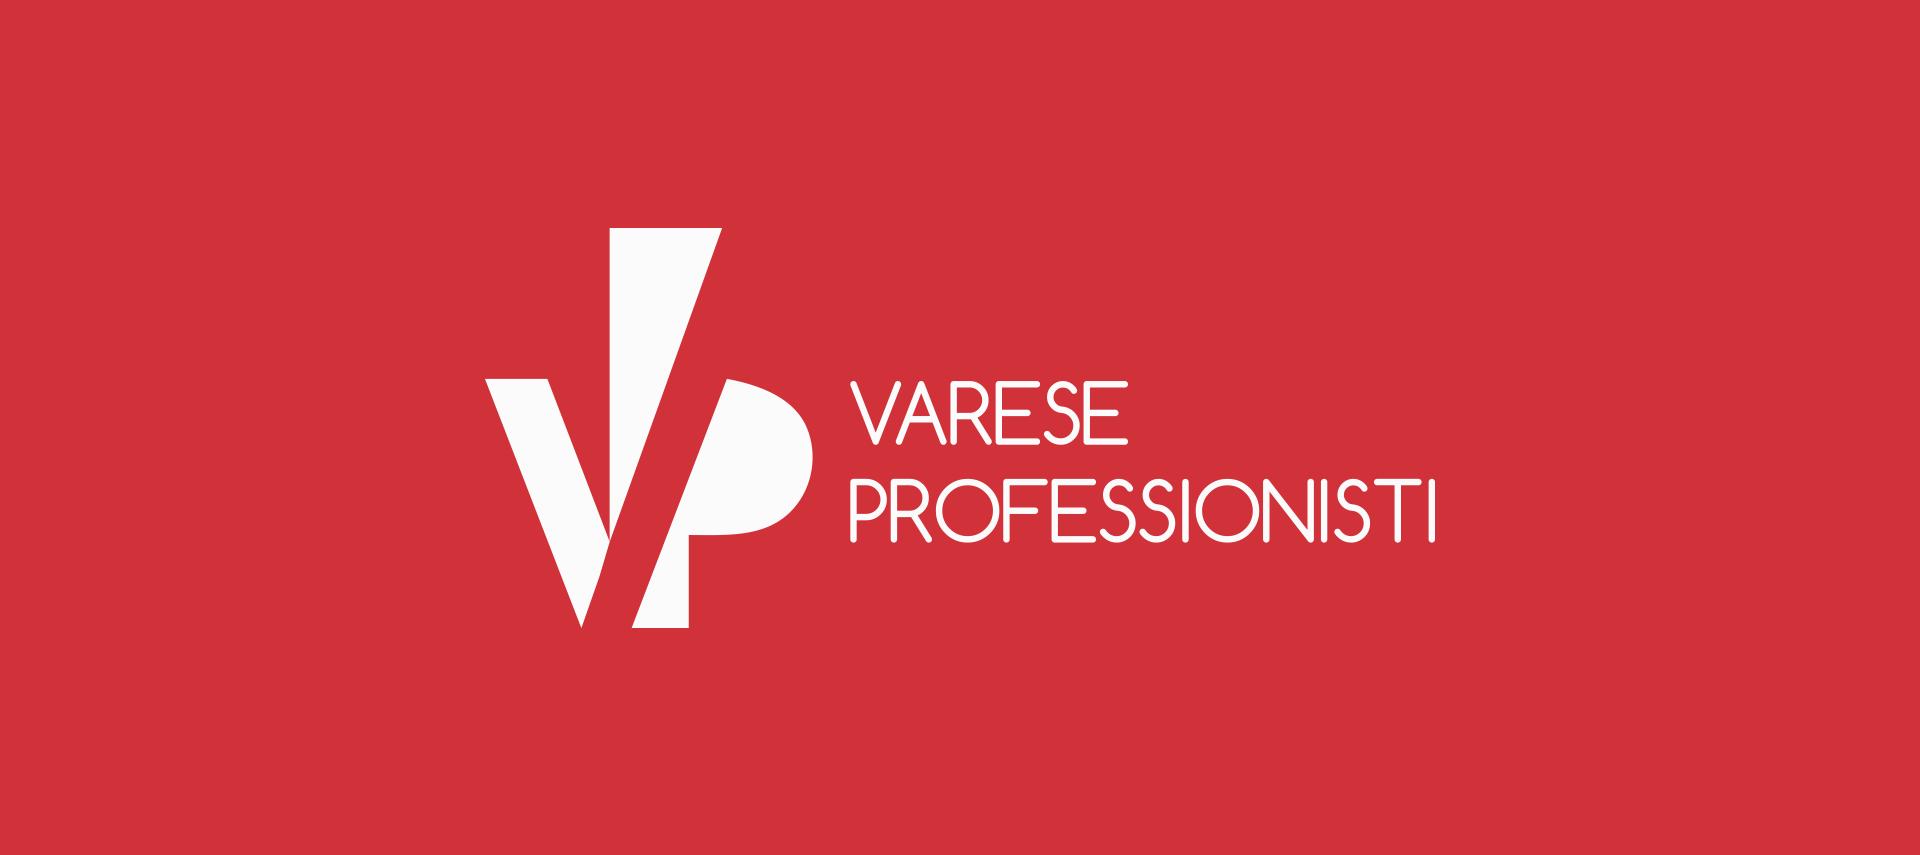 progettazione logo varese professionisti